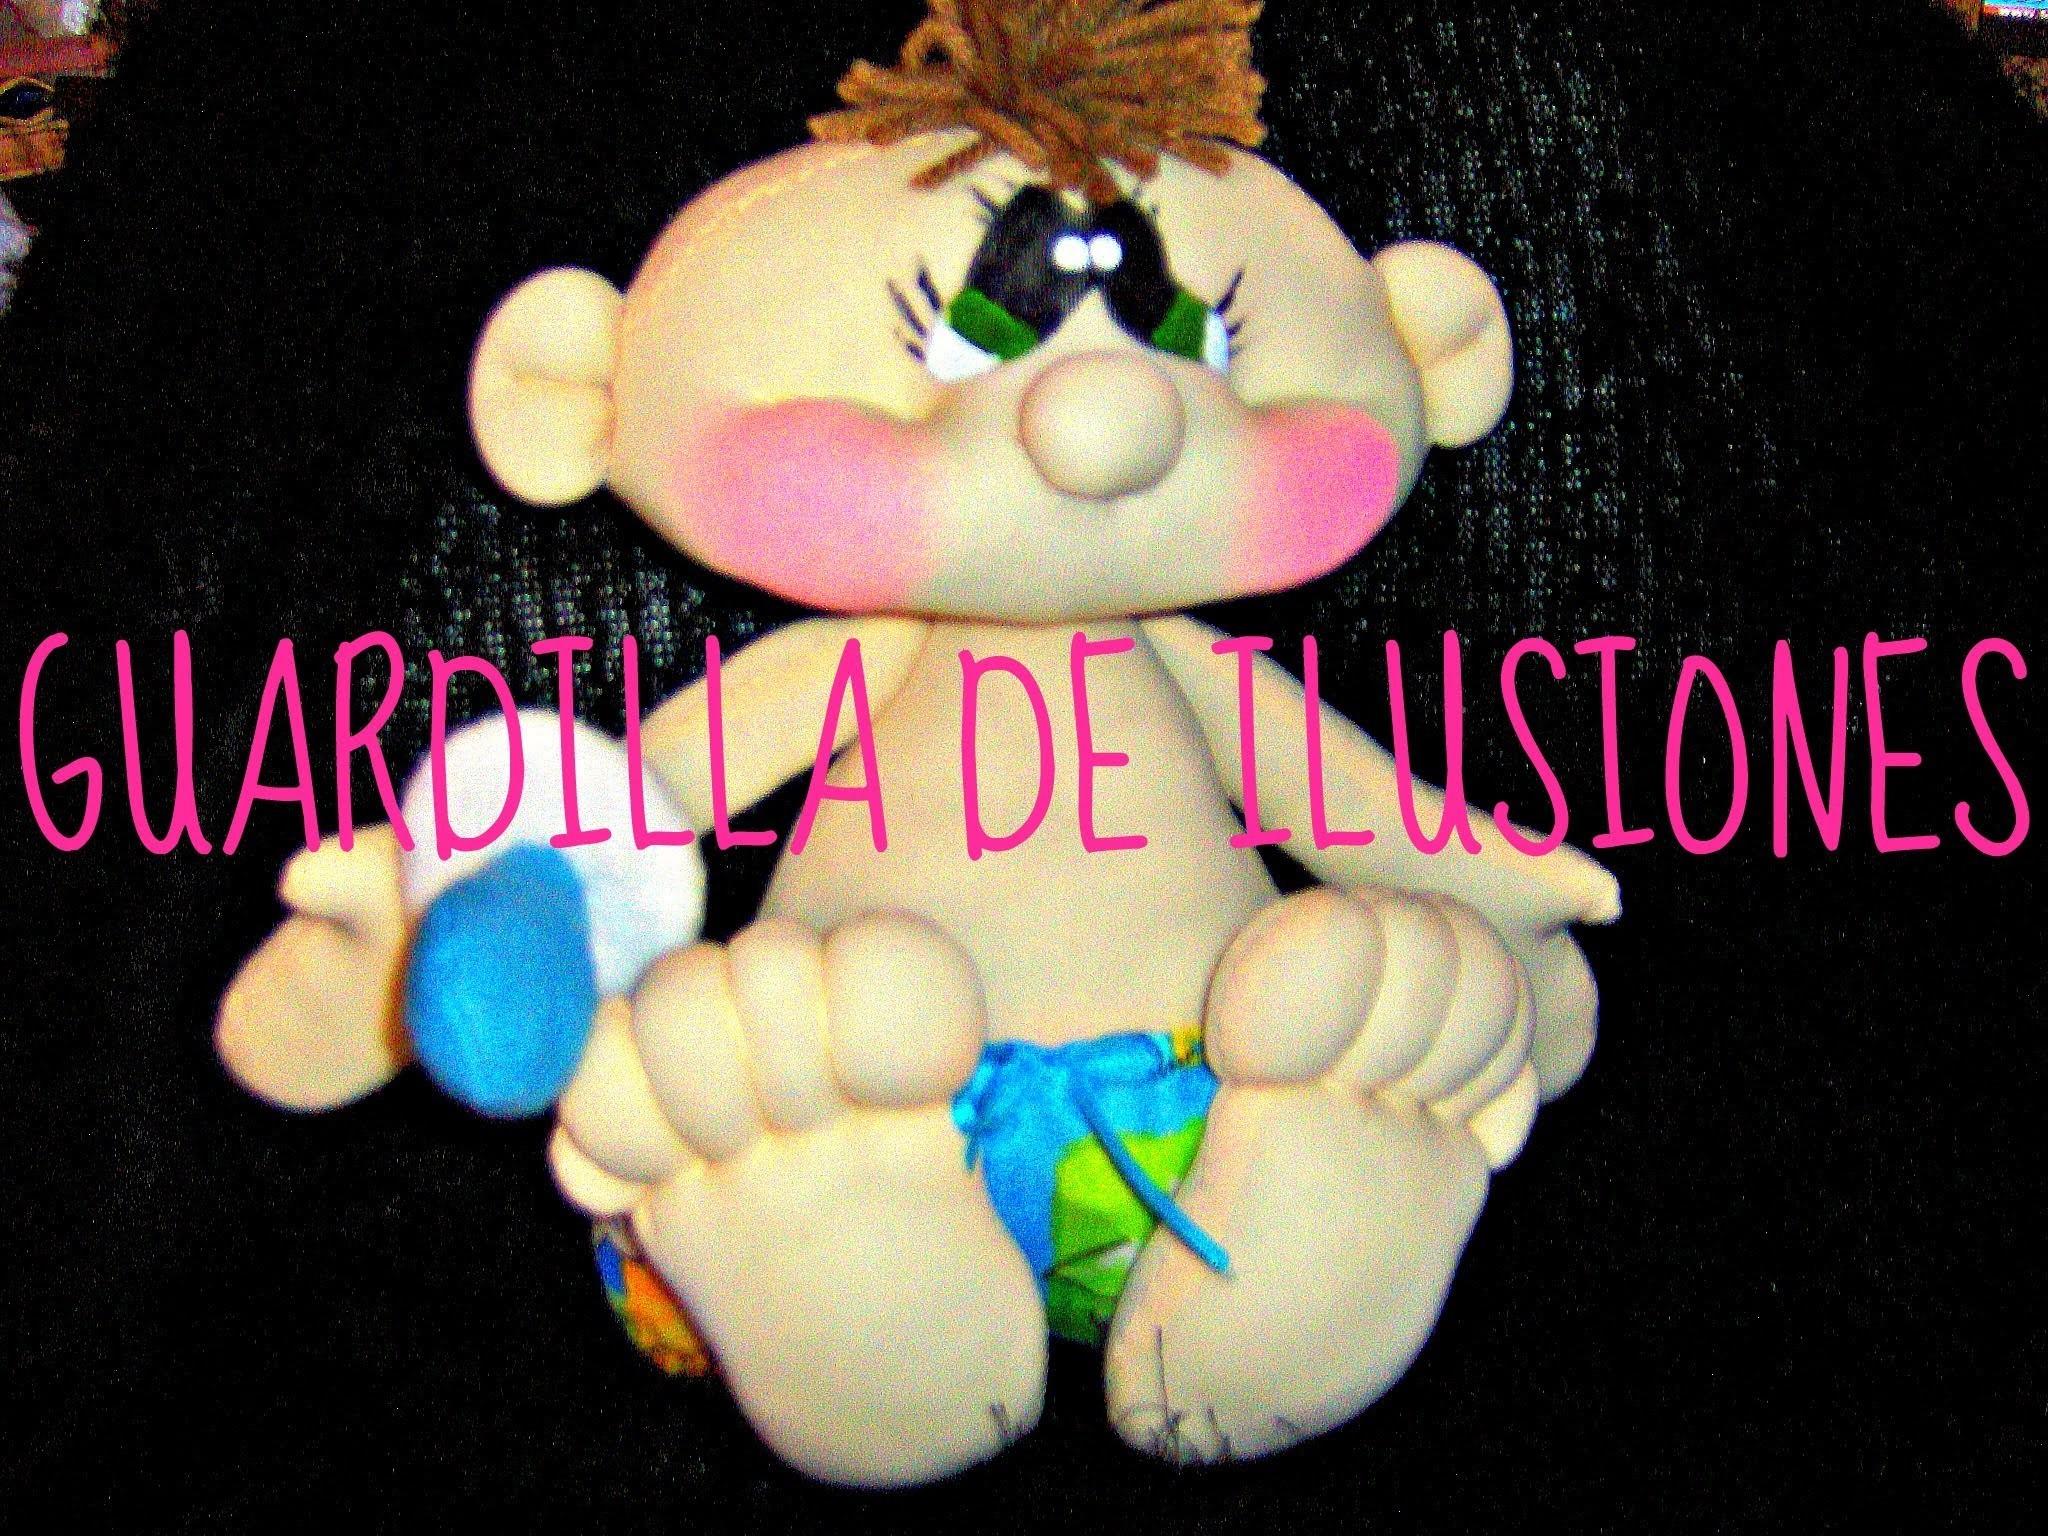 Baby doll little ears. bebote orejitas  1.6. proyecto 101